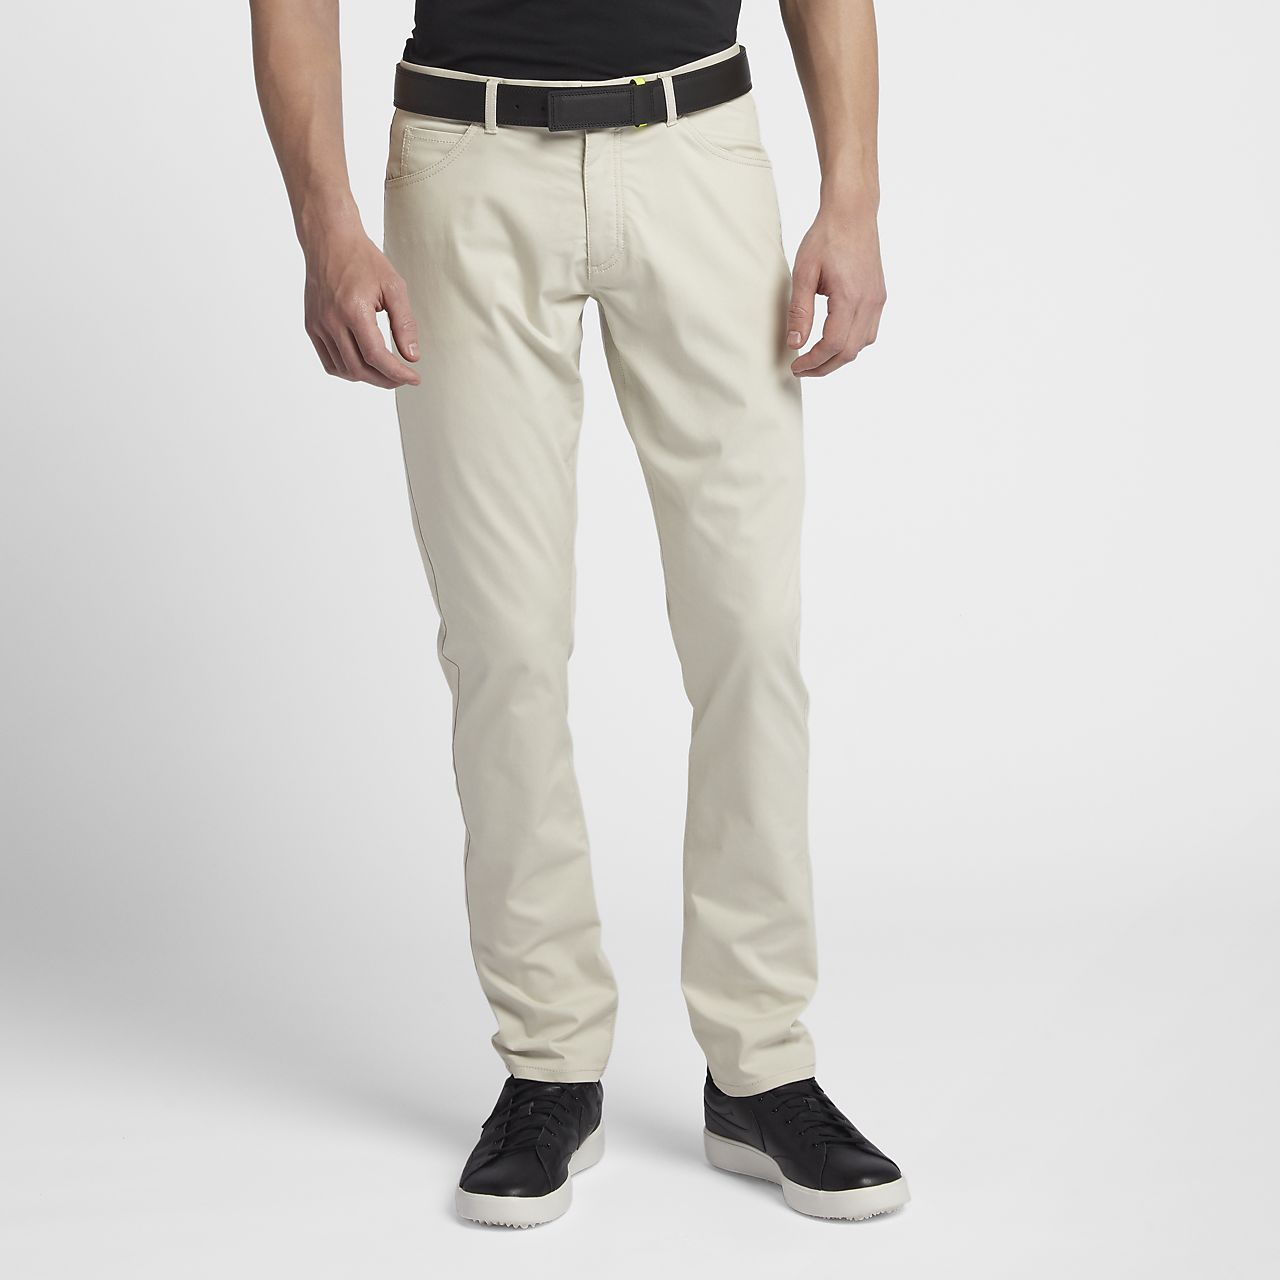 Pánské golfové kalhoty Nike Flex v zeštíhleném střihu s pěti kapsami ... 3d0f369656